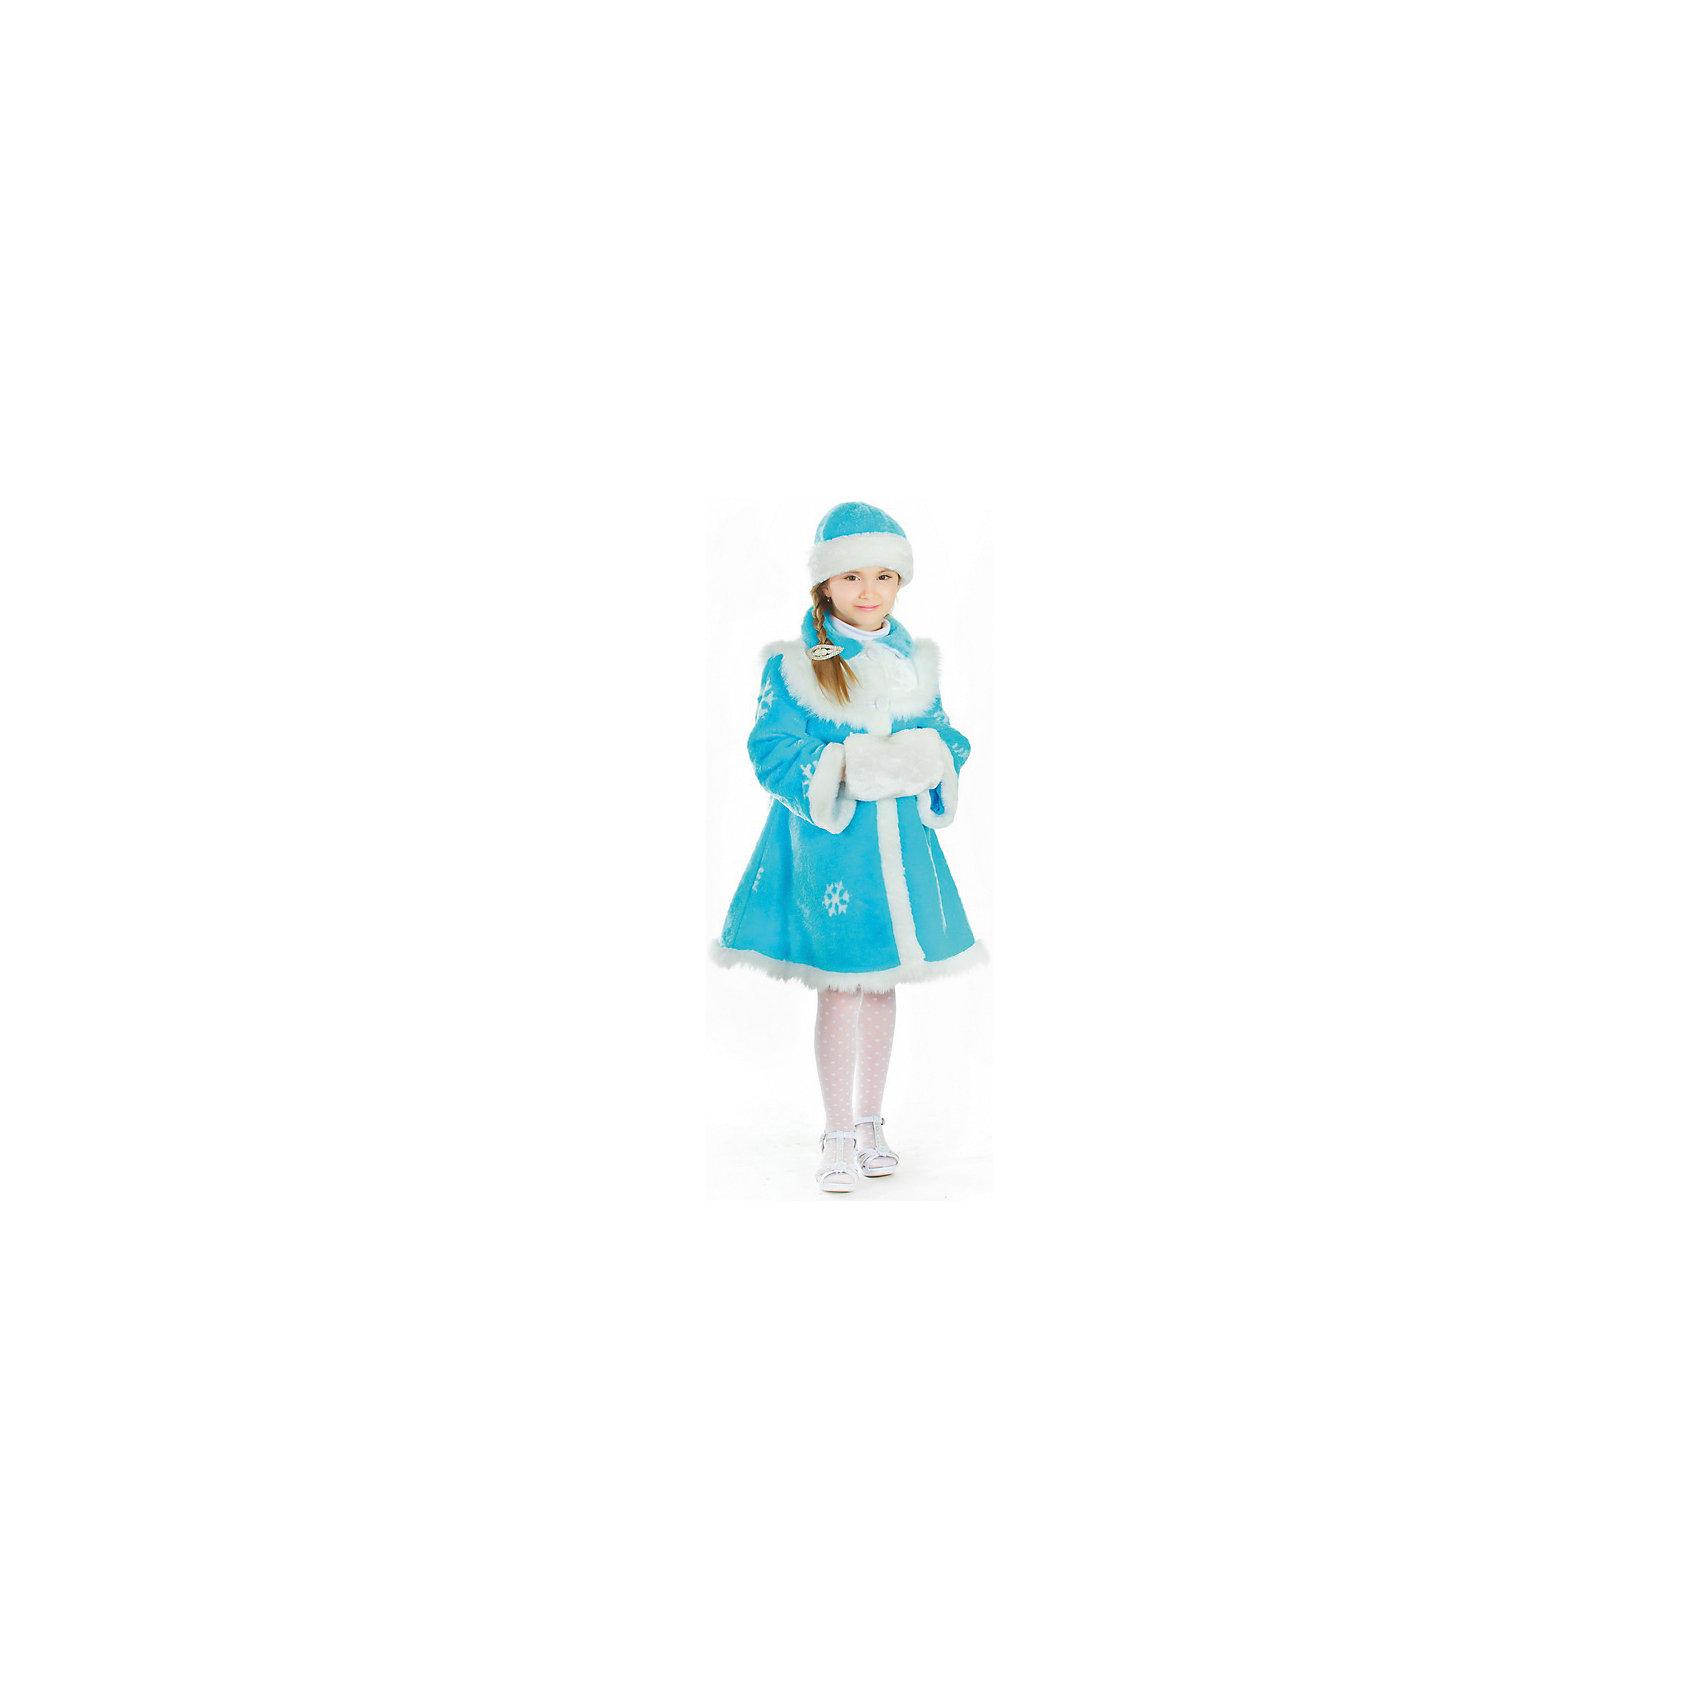 Карнавальный костюм Снегурочка, детский, КарнавалияКарнавальные костюмы<br>Карнавальный костюм Снегурка детская, Карнавалия - симпатичный карнавальный костюм, который поможет создать праздничный образ.<br><br>В комплект входит: платье, муфта, шапочка.<br>Материал: 100% полиэстер.<br><br>Карнавальный костюм Снегурка детская, Карнавалия мжно купить в нашем интернет-магазине.<br><br>Ширина мм: 400<br>Глубина мм: 80<br>Высота мм: 300<br>Вес г: 750<br>Цвет: белый<br>Возраст от месяцев: 36<br>Возраст до месяцев: 84<br>Пол: Женский<br>Возраст: Детский<br>Размер: 122/128<br>SKU: 4764402